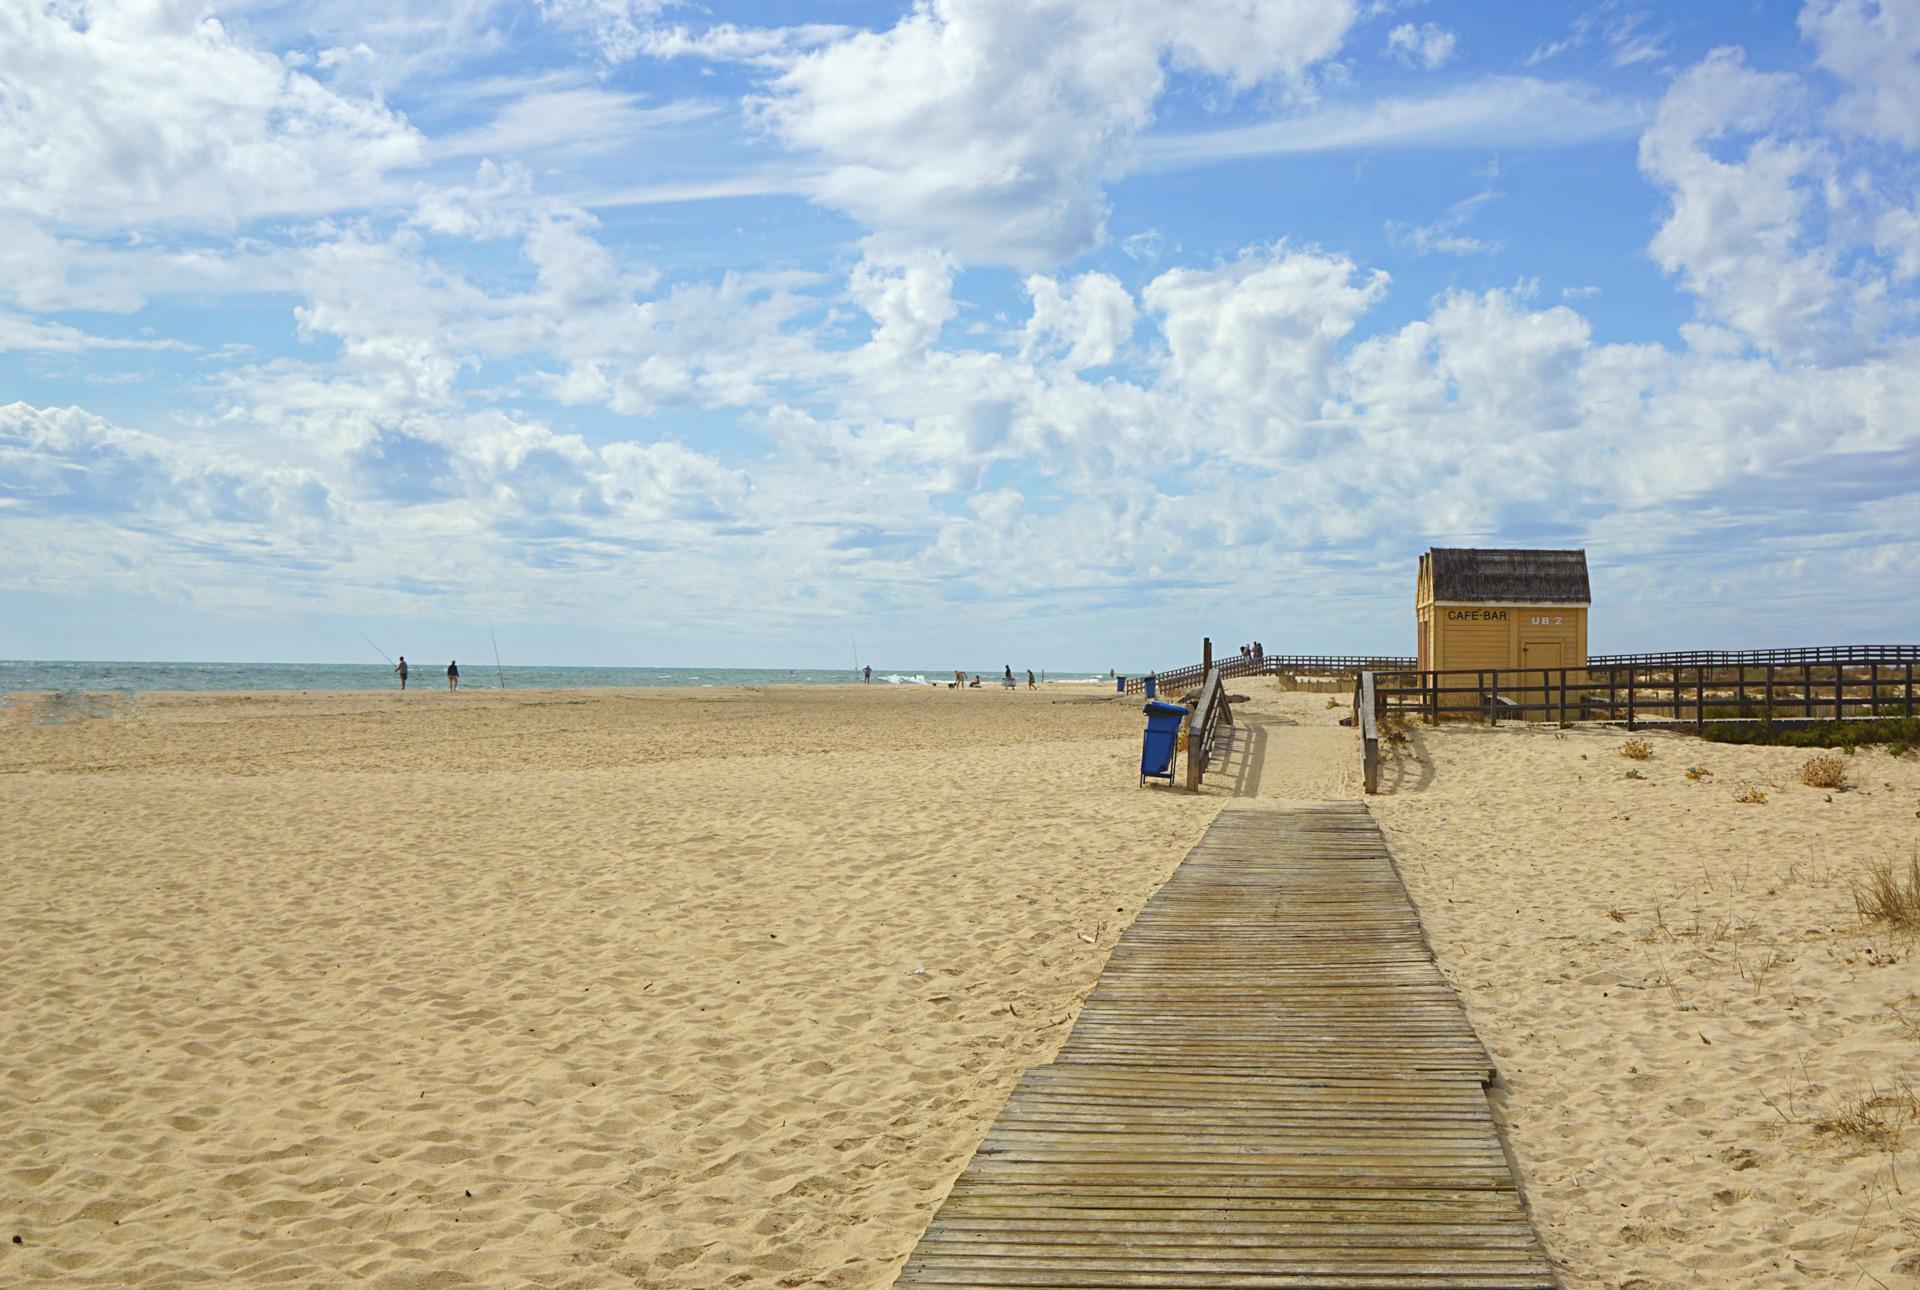 Pesca junto às praias vai ser mais apertada - Portugal